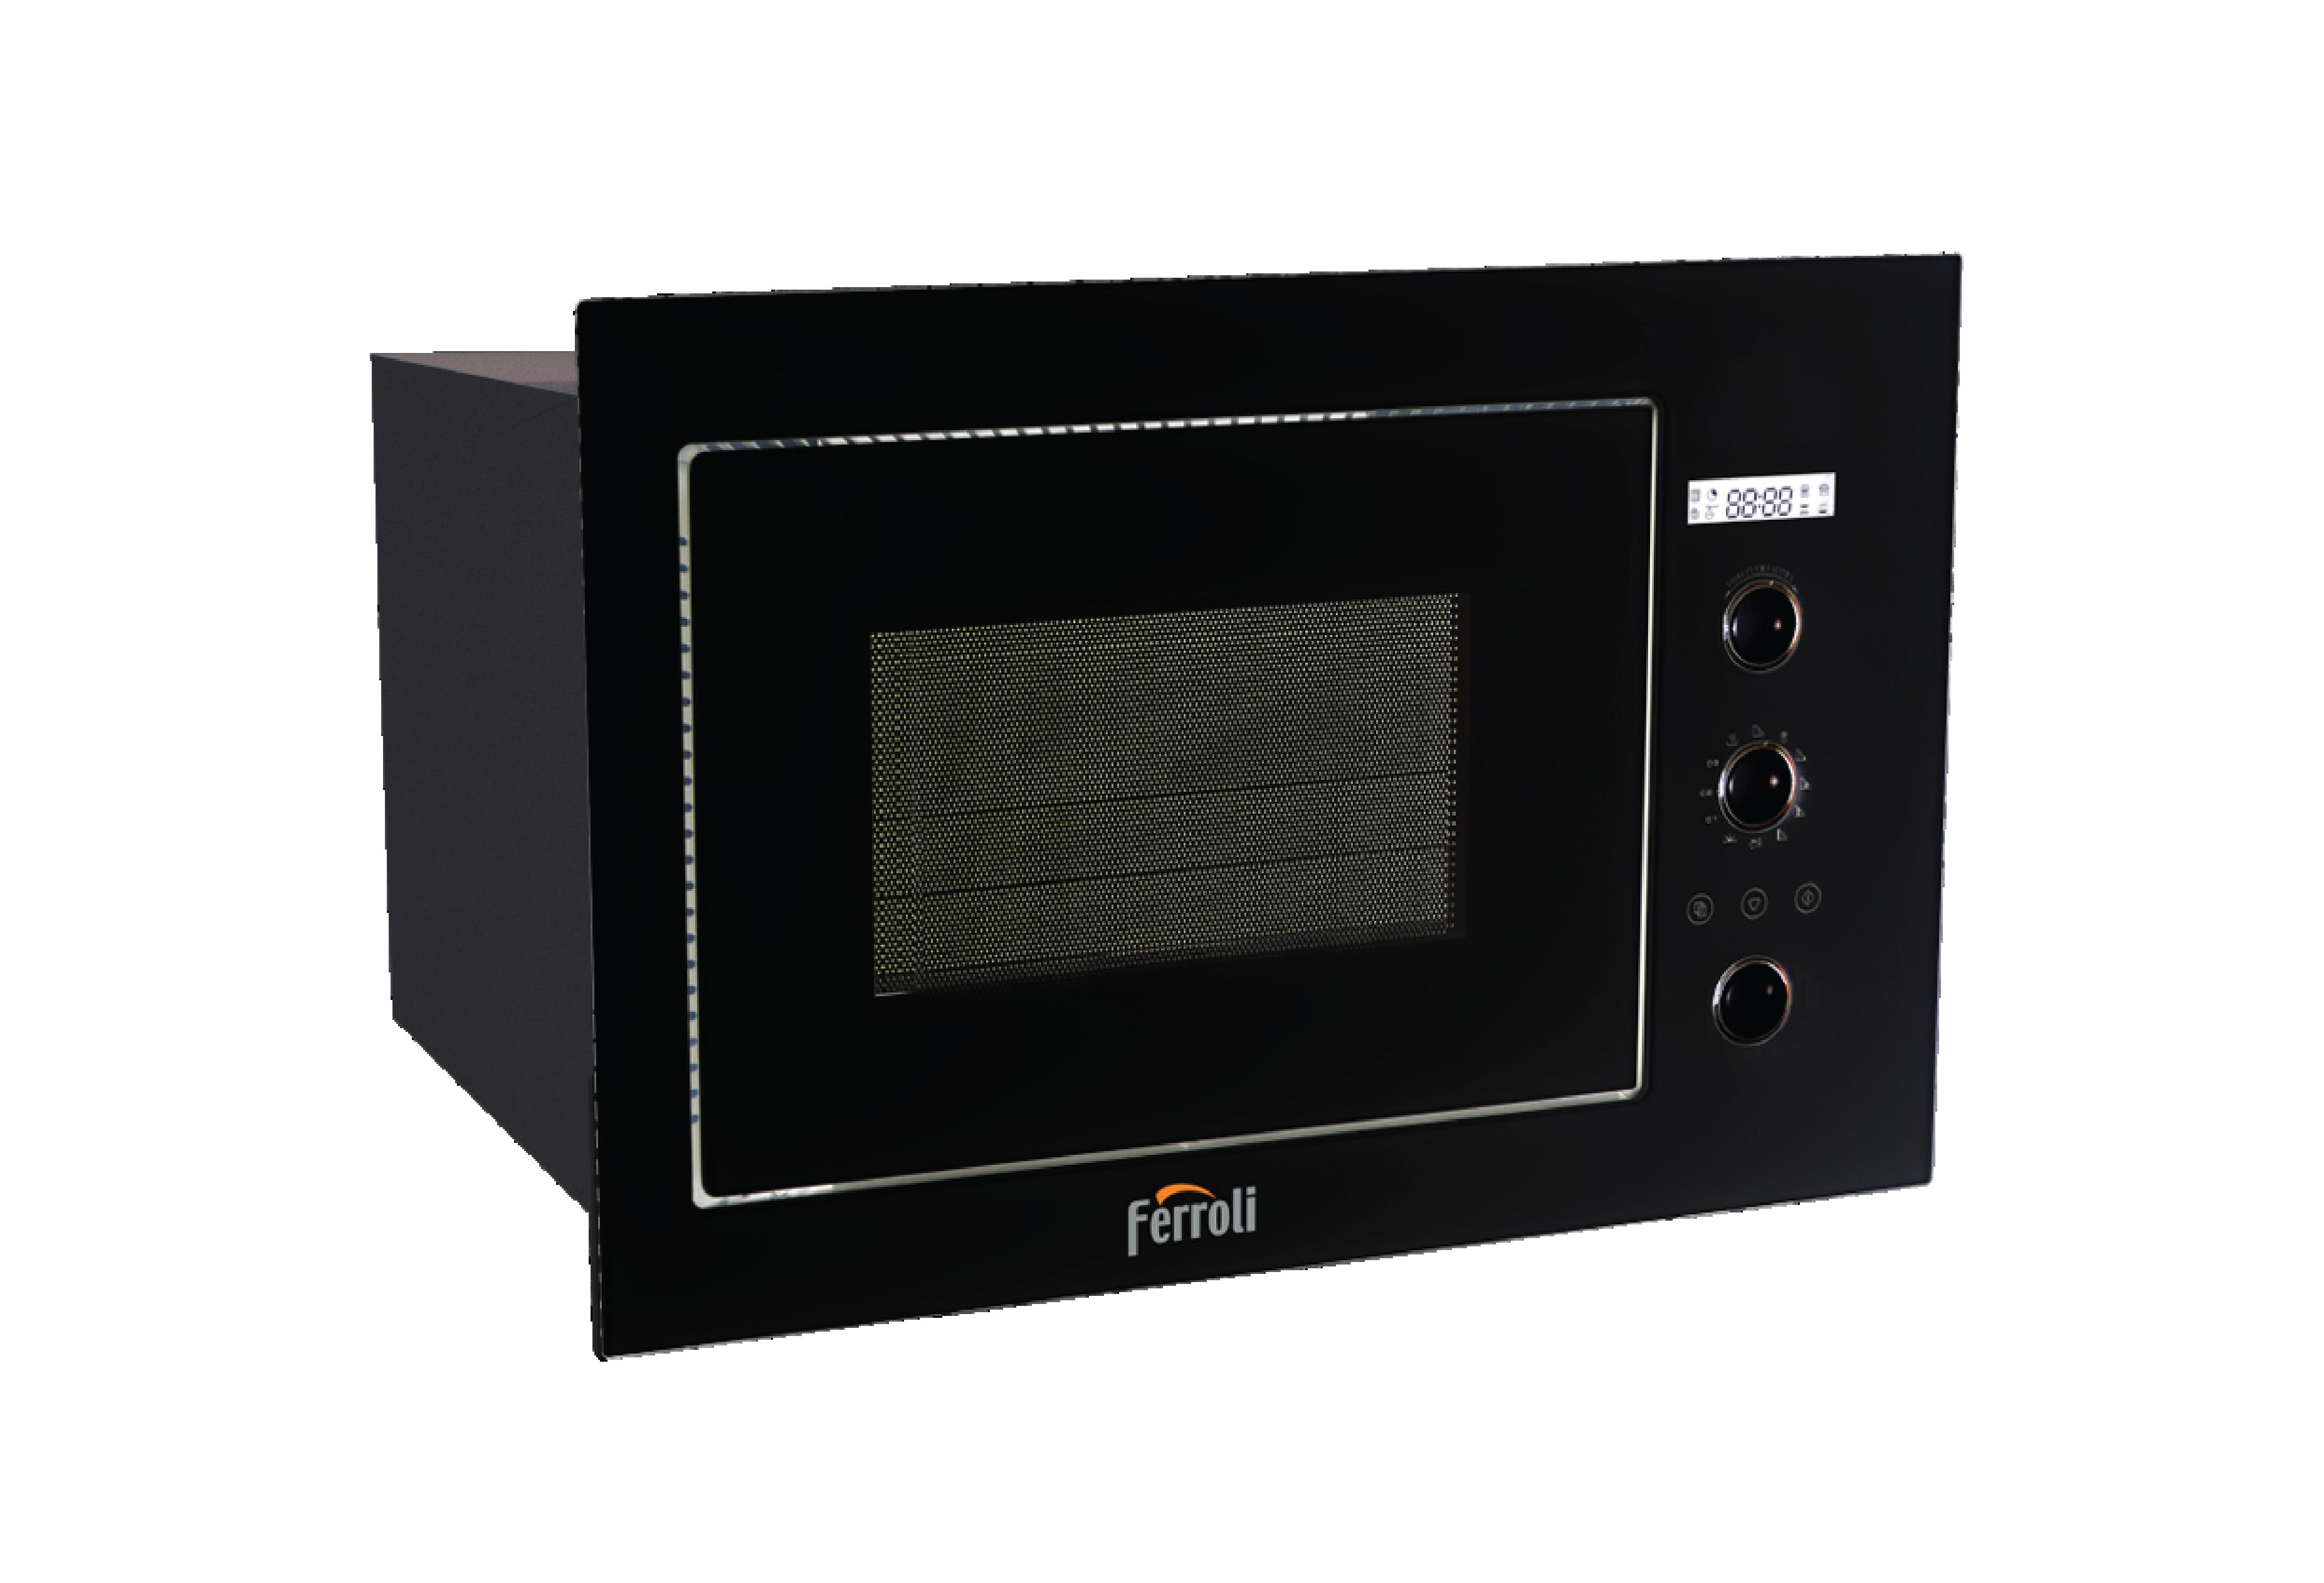 Lò nướng tích hợp vi sóng FO-2514B